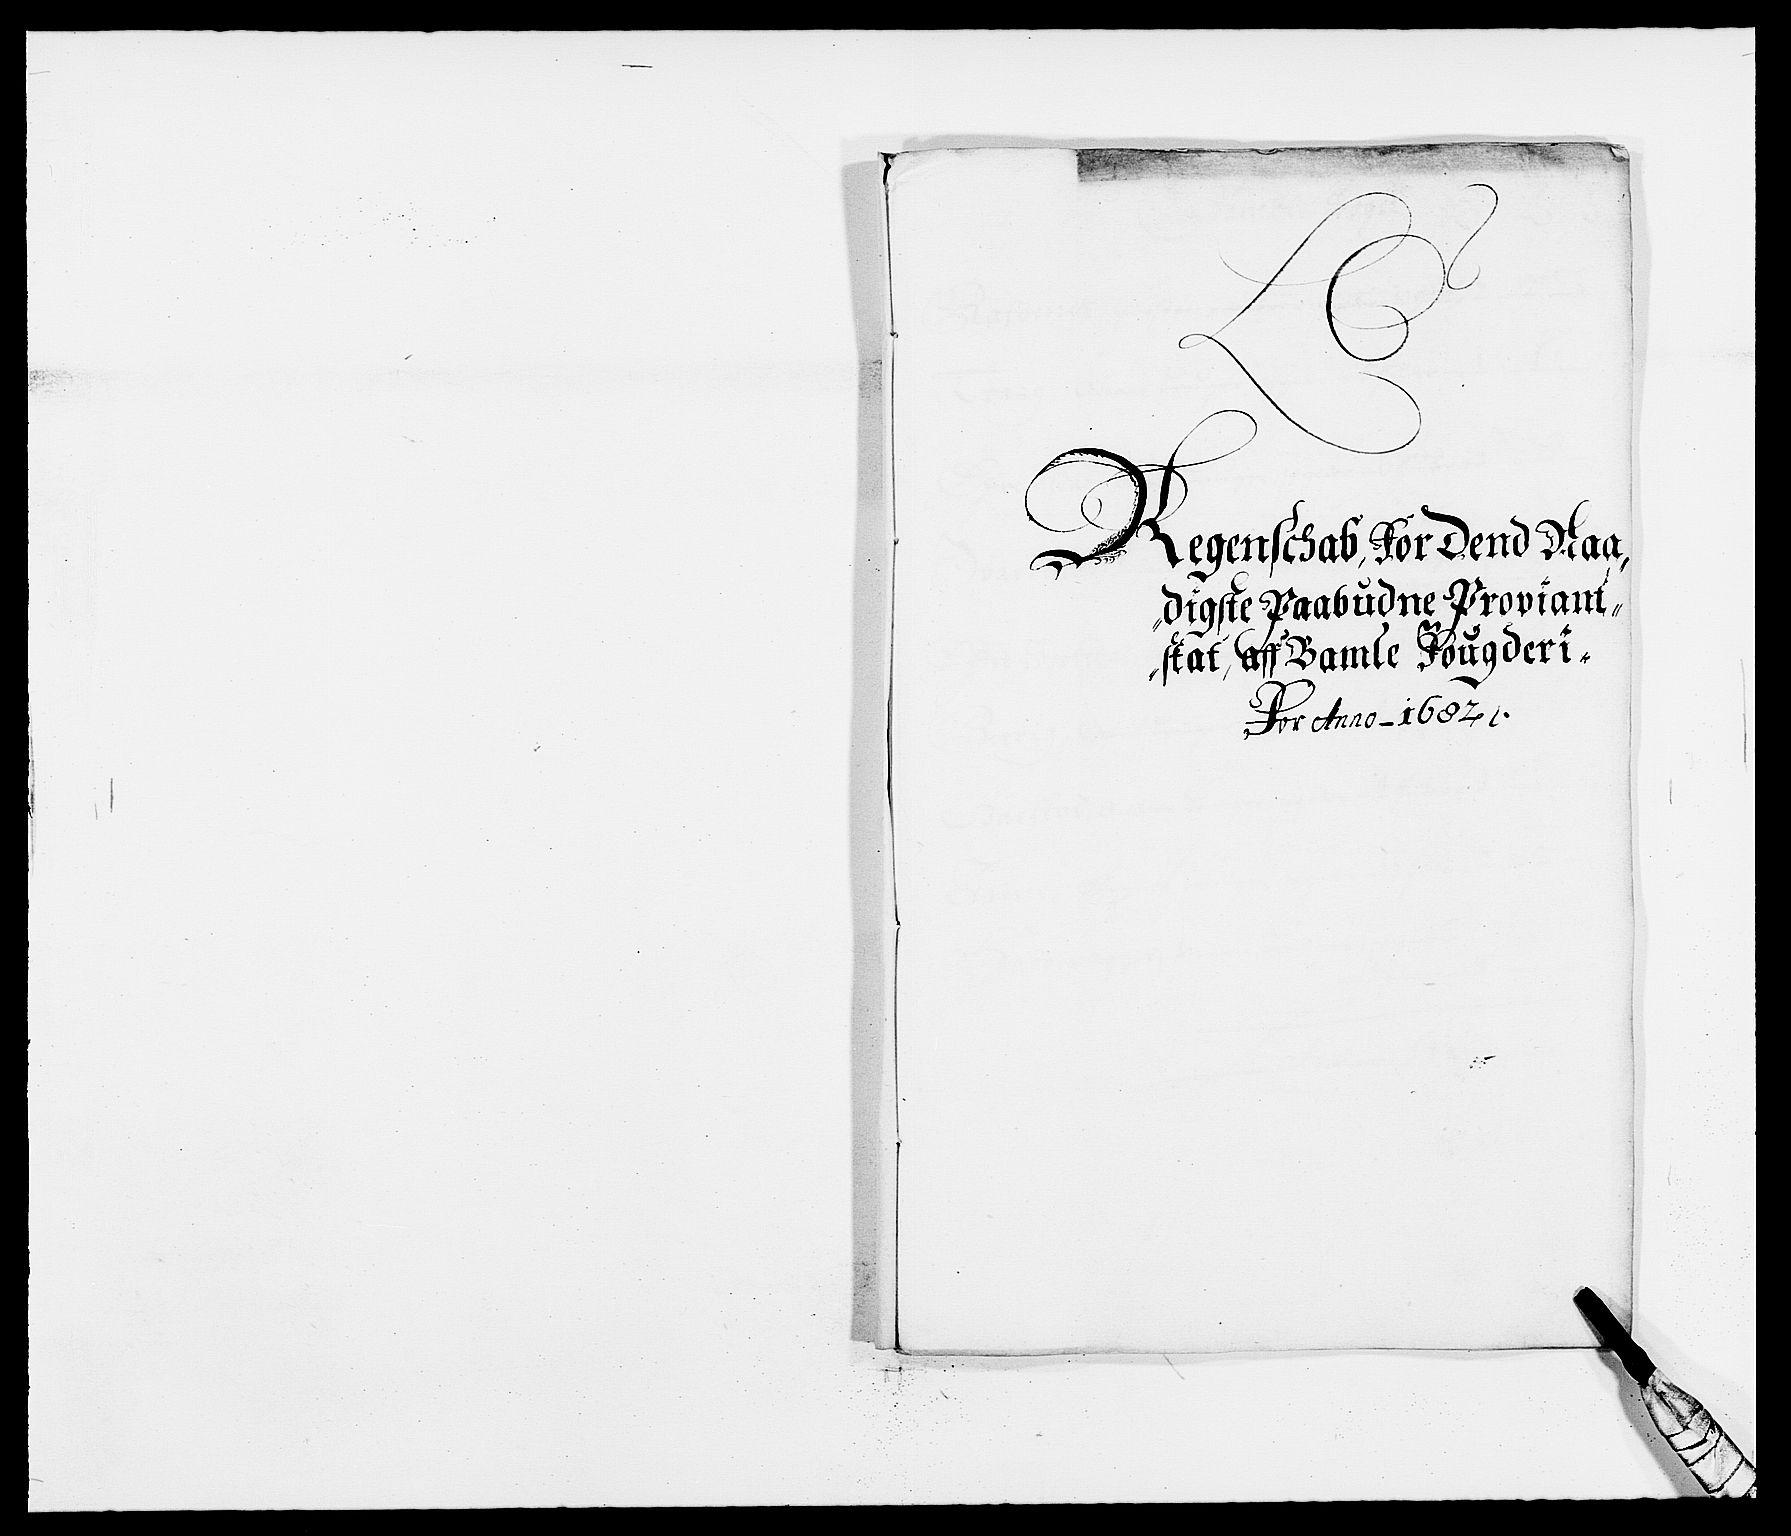 RA, Rentekammeret inntil 1814, Reviderte regnskaper, Fogderegnskap, R34/L2046: Fogderegnskap Bamble, 1682-1683, s. 96